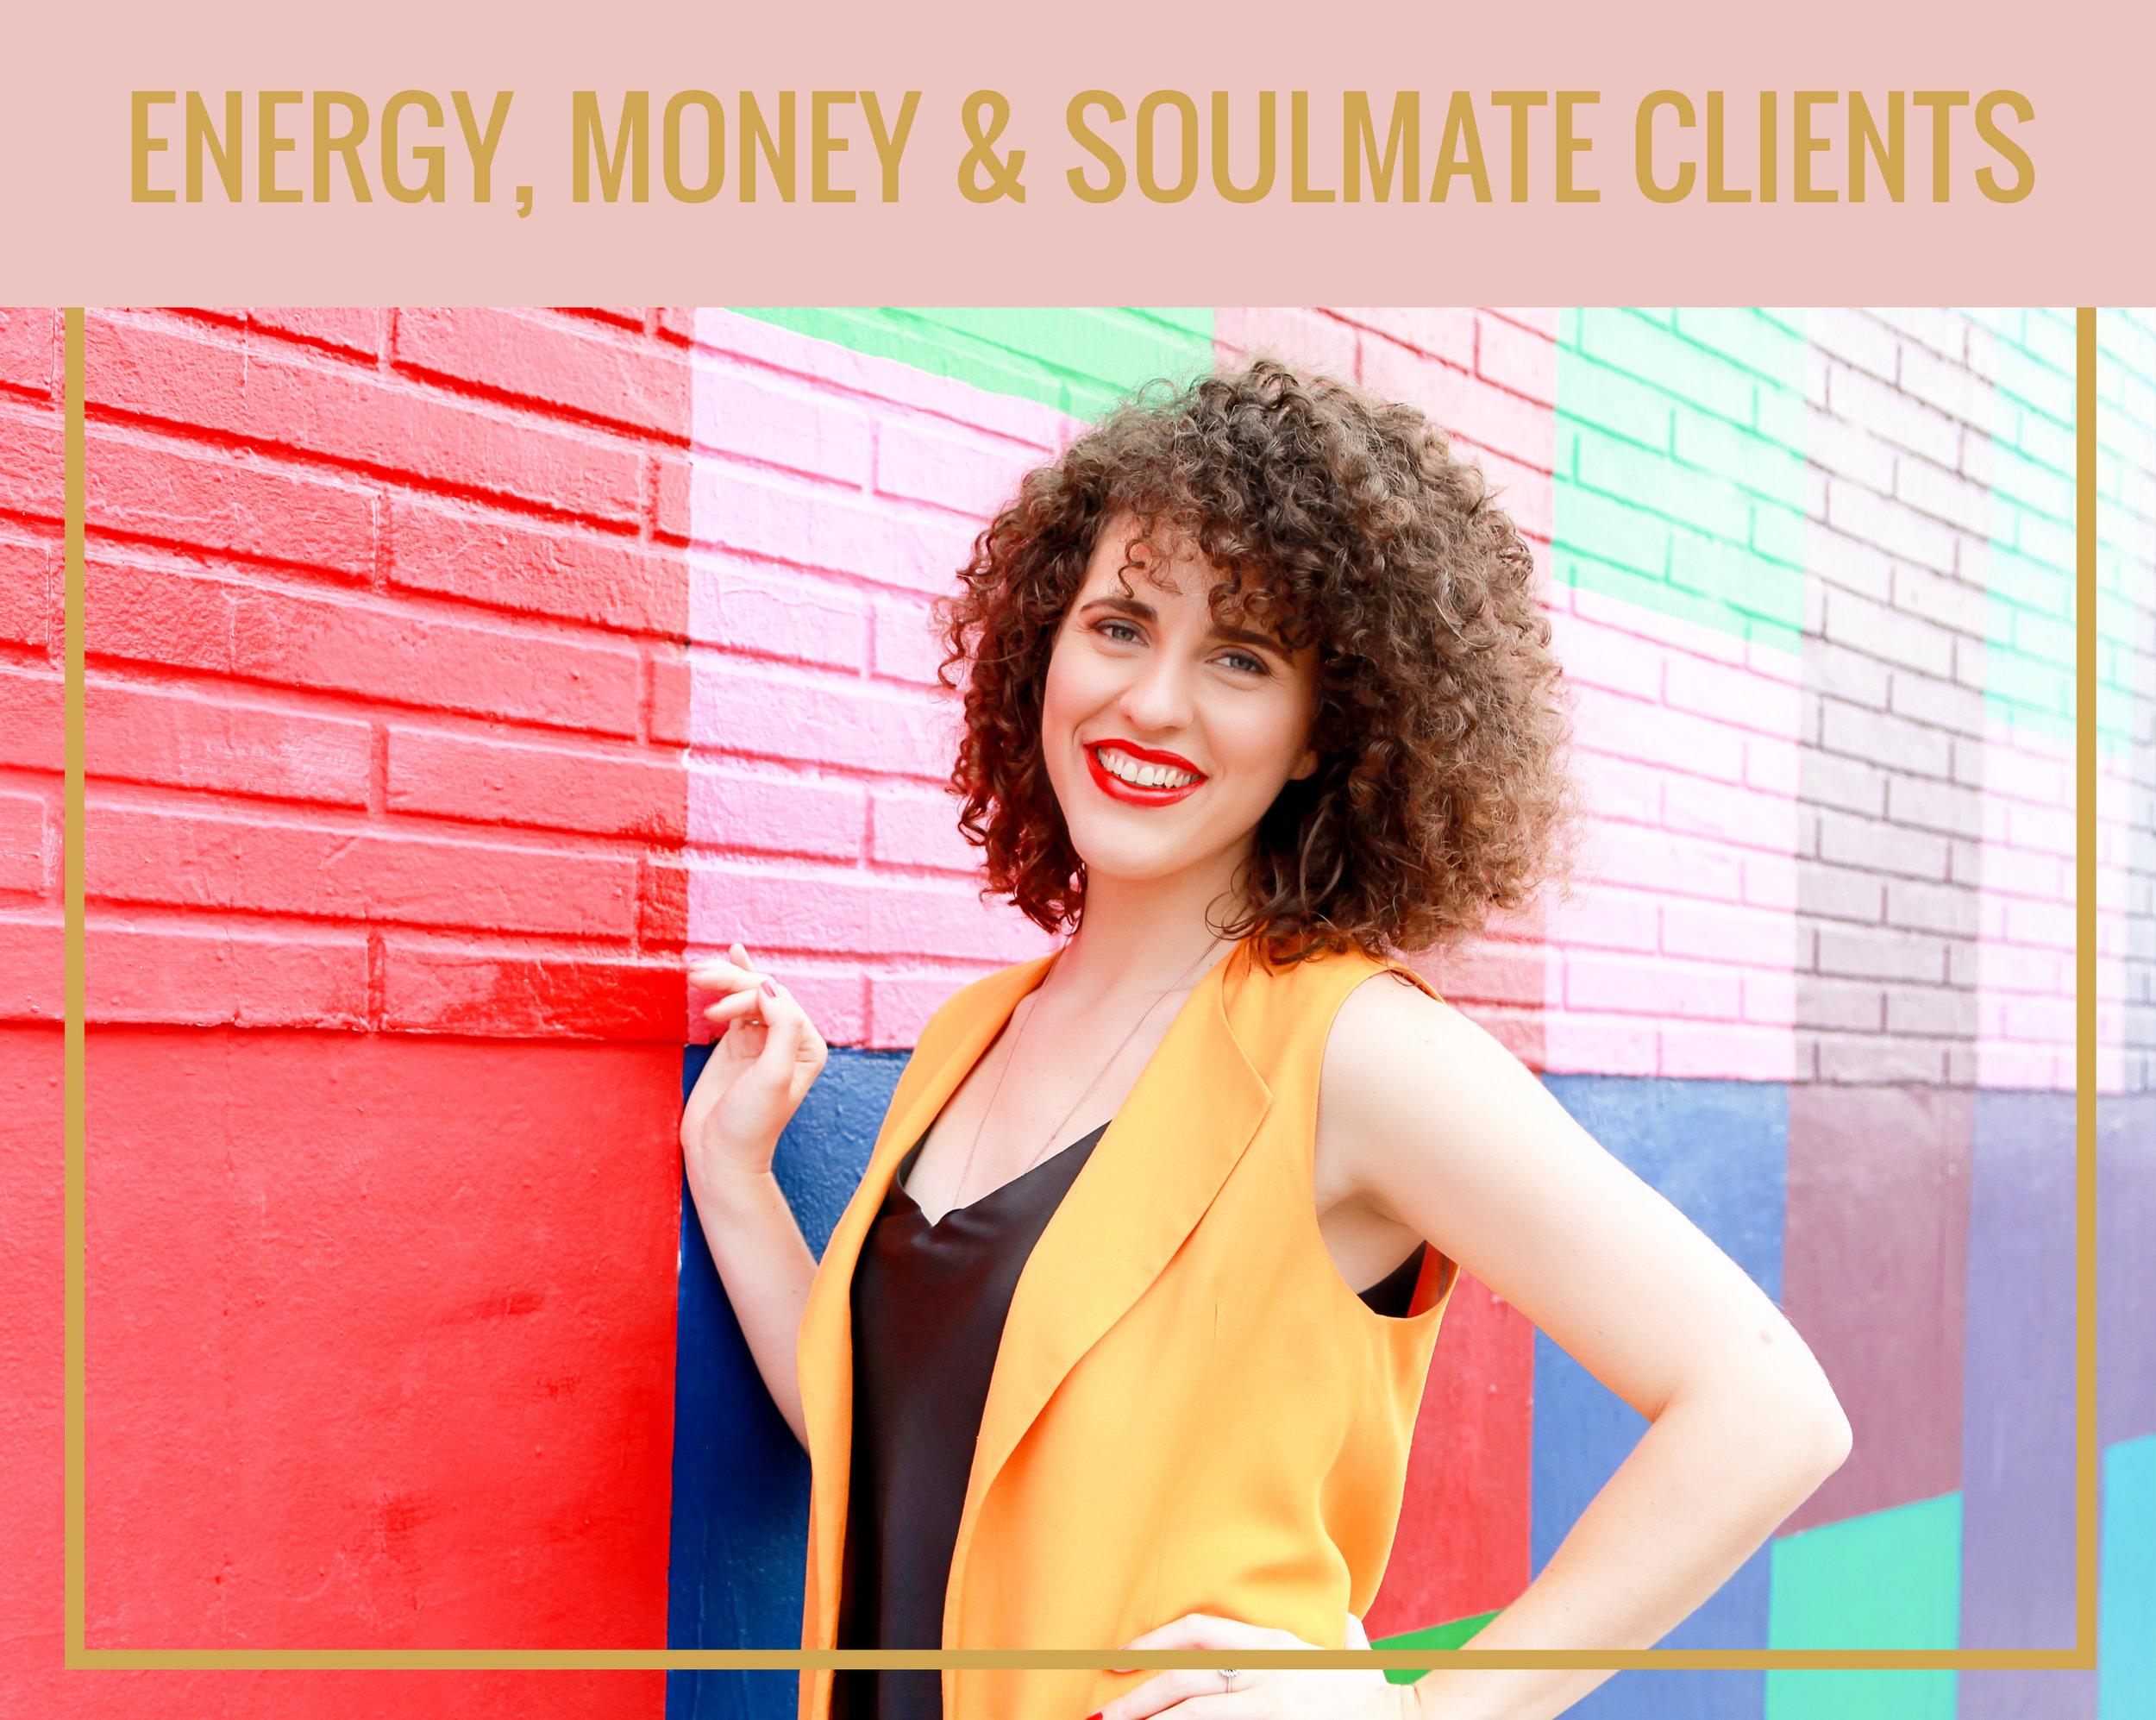 ENERGY, MONEY & SOULMATE CLIENTS